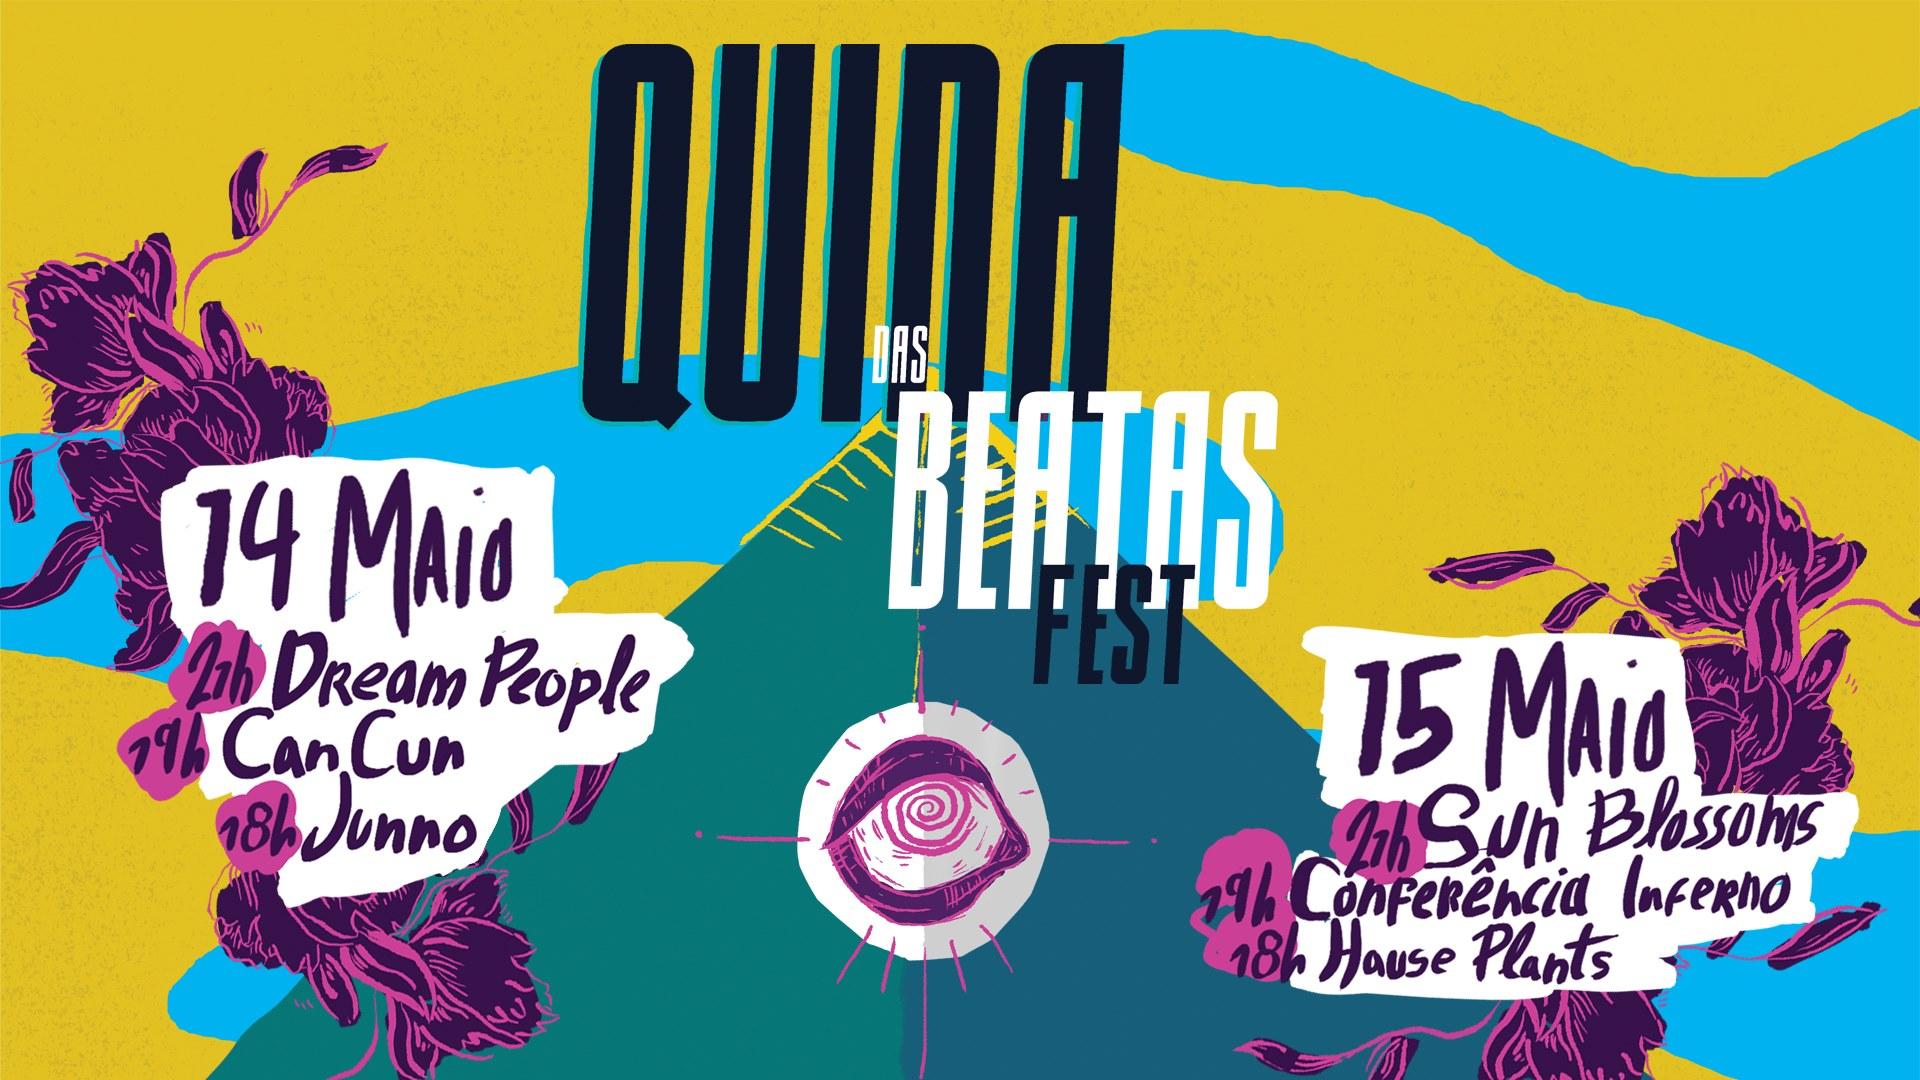 Quina das Beatas Fest :: 14 + 15 Maio :: CAE Portalegre